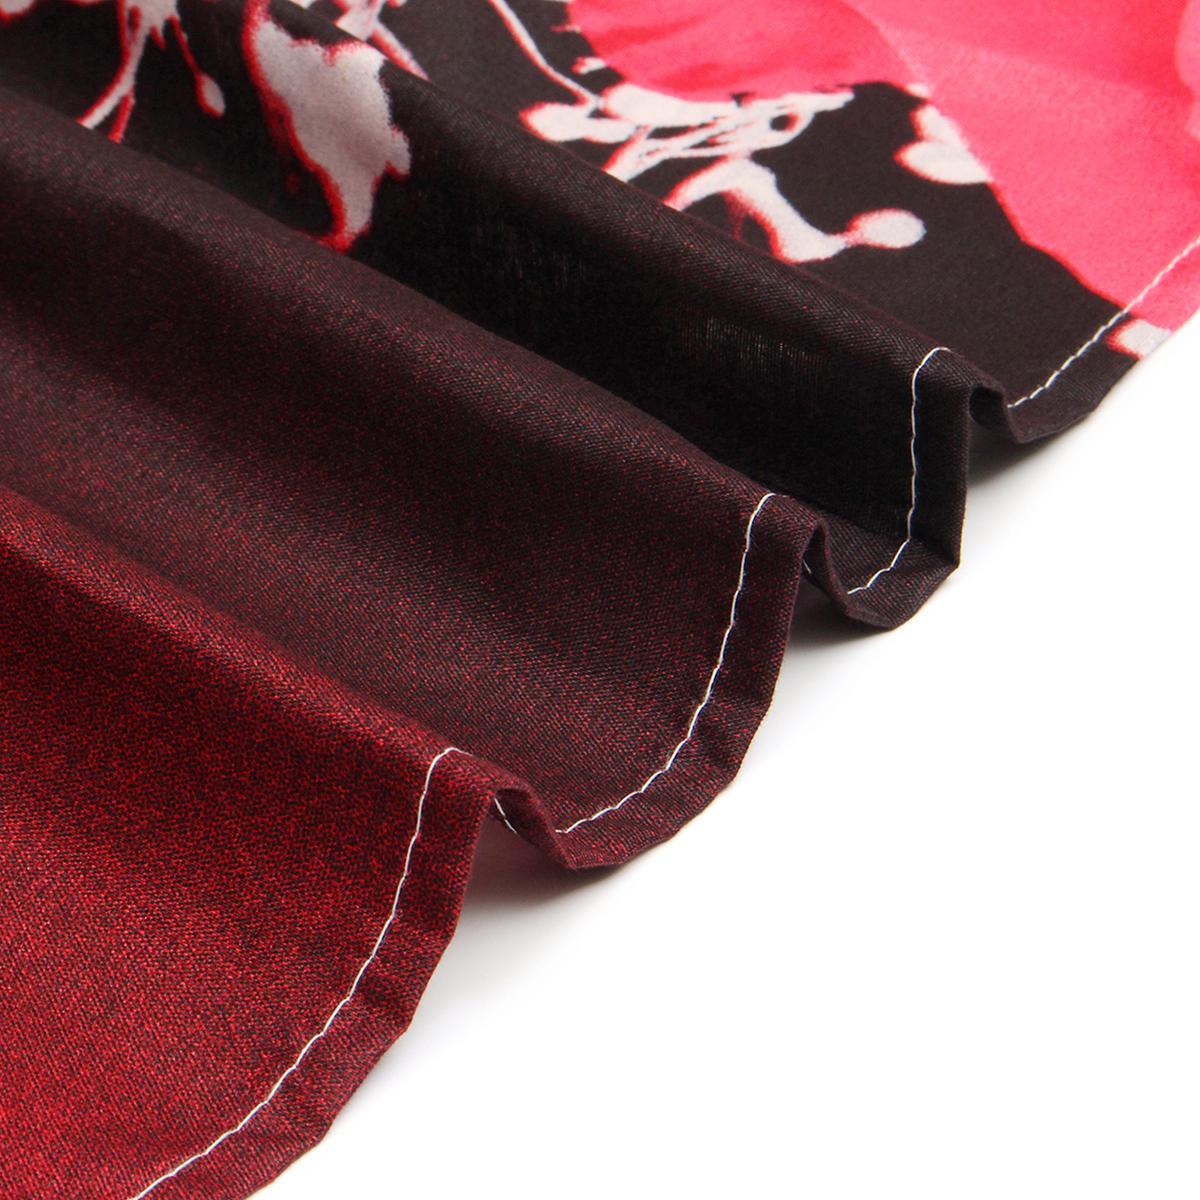 4шт.3D-изображенияНаборыдляпостельного белья Комплект подошв 1 Одеяло Обложка 1 Оборудованный лист 2 Подушки - фото 11